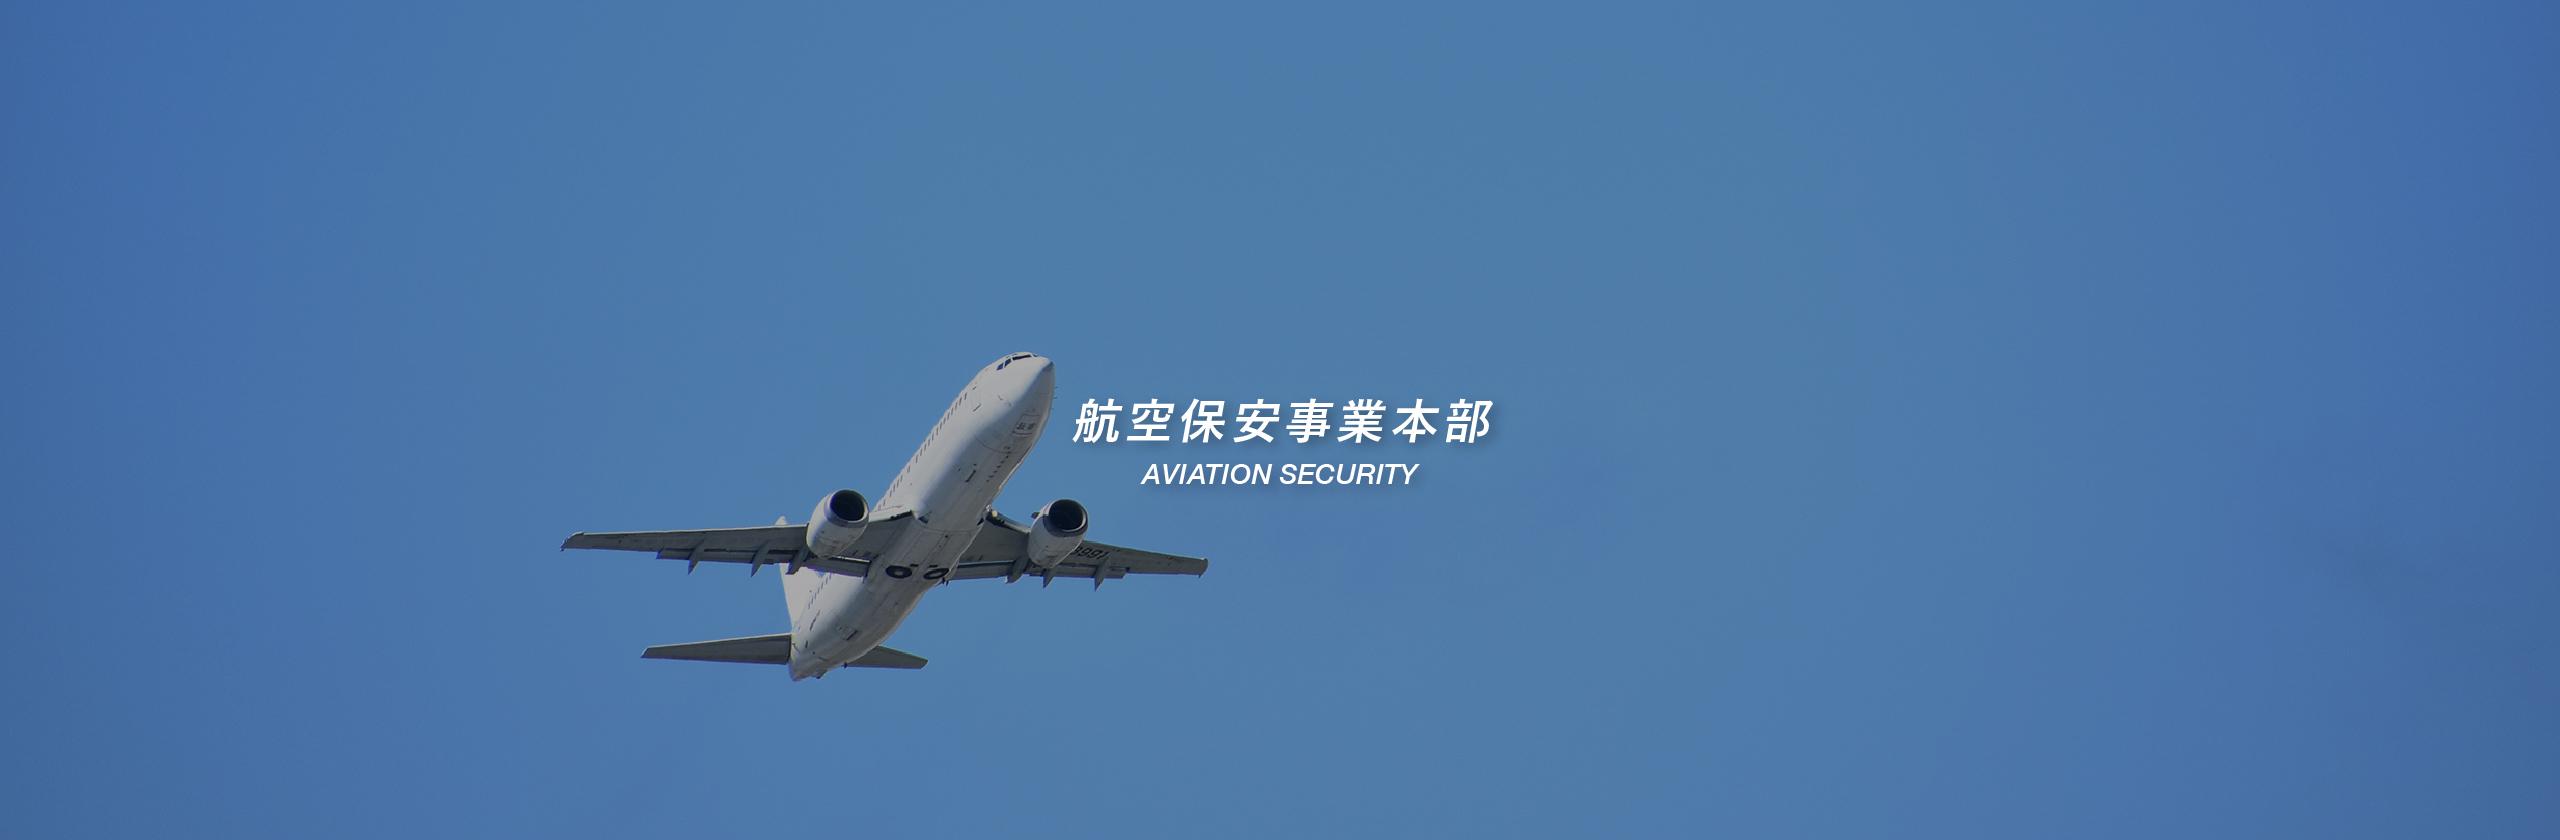 航空保安事業本部